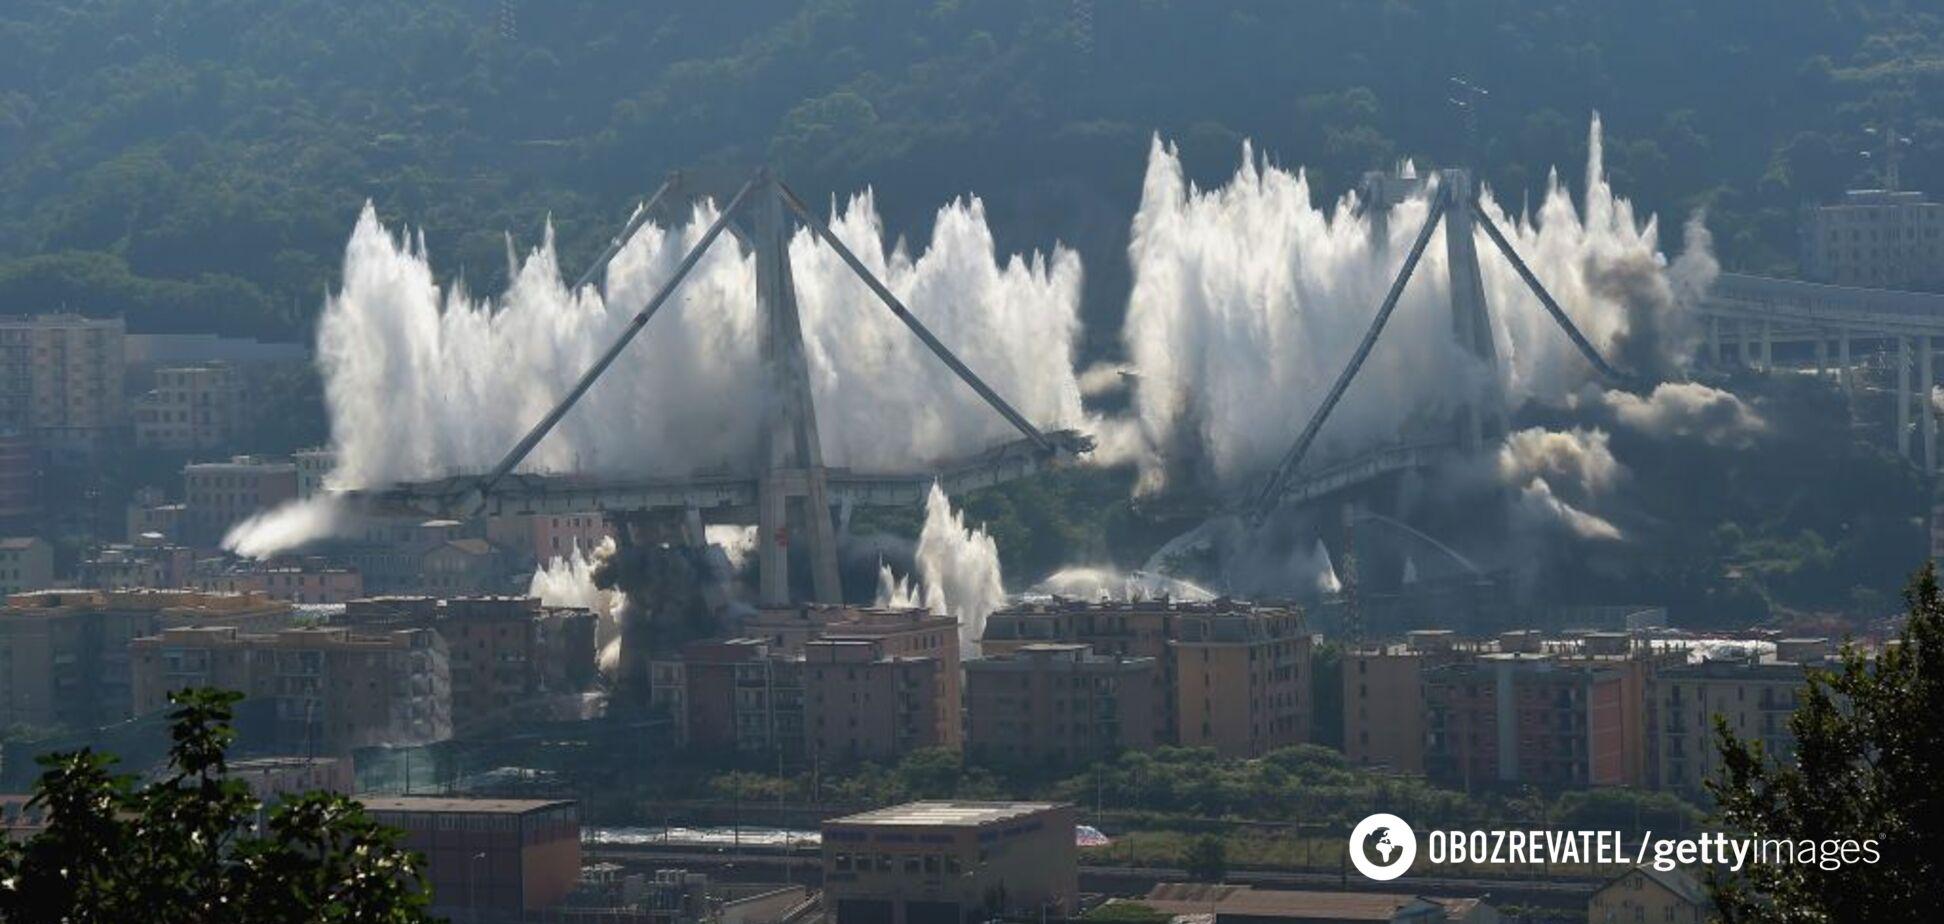 В Італії підірвали міст, на якому загинули 43 людини. Фото і відео